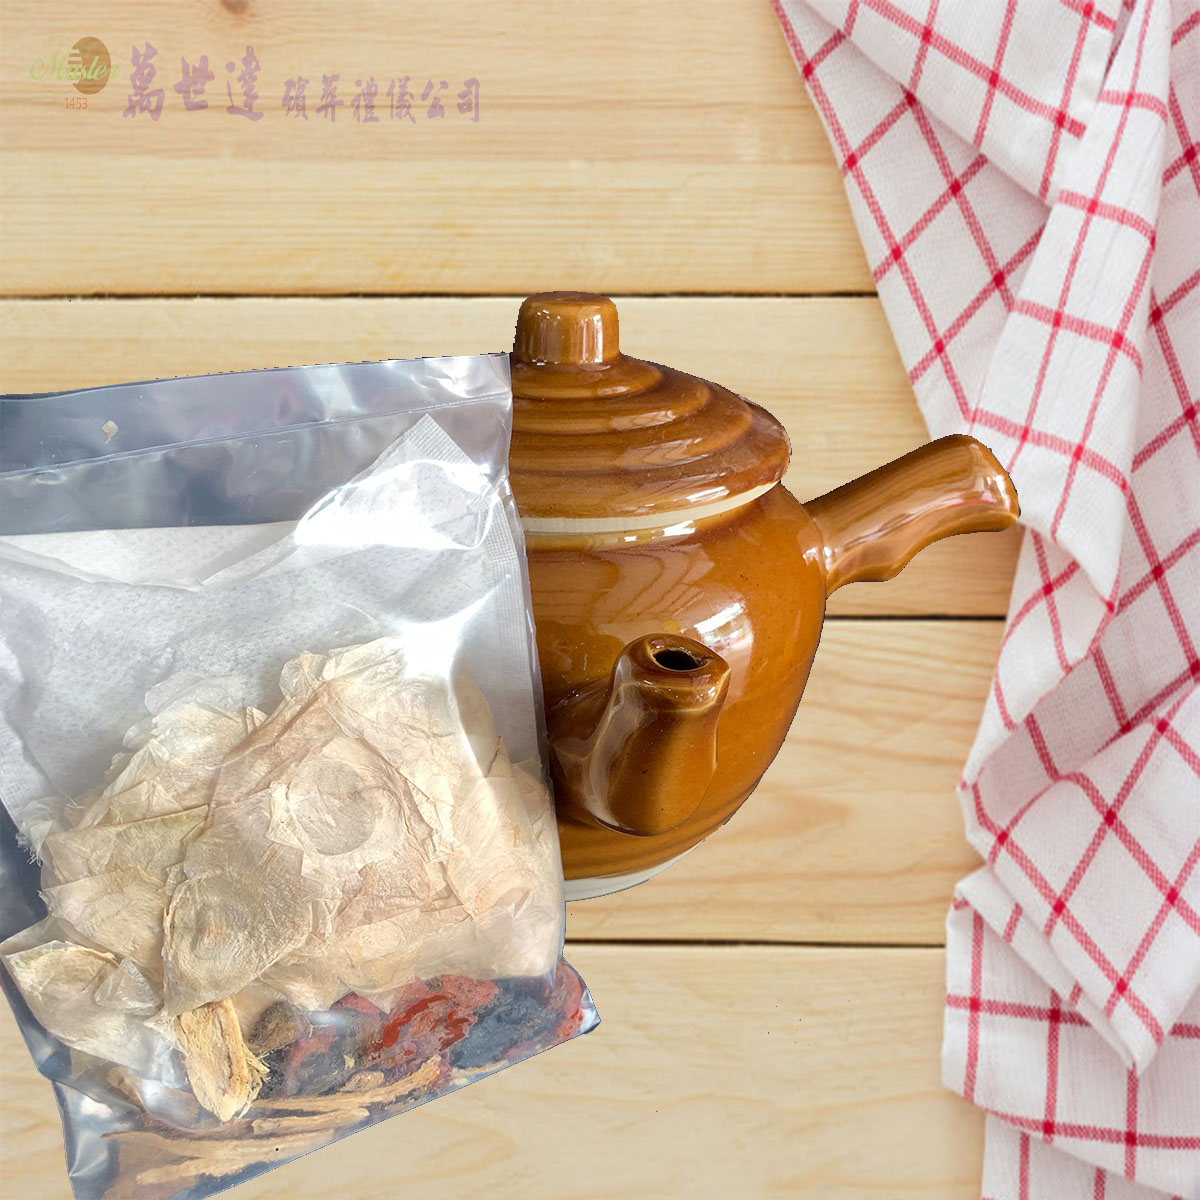 法事祭品-尾日飽福葷六飯菜全組含未煮八珍湯藥壺(葷)